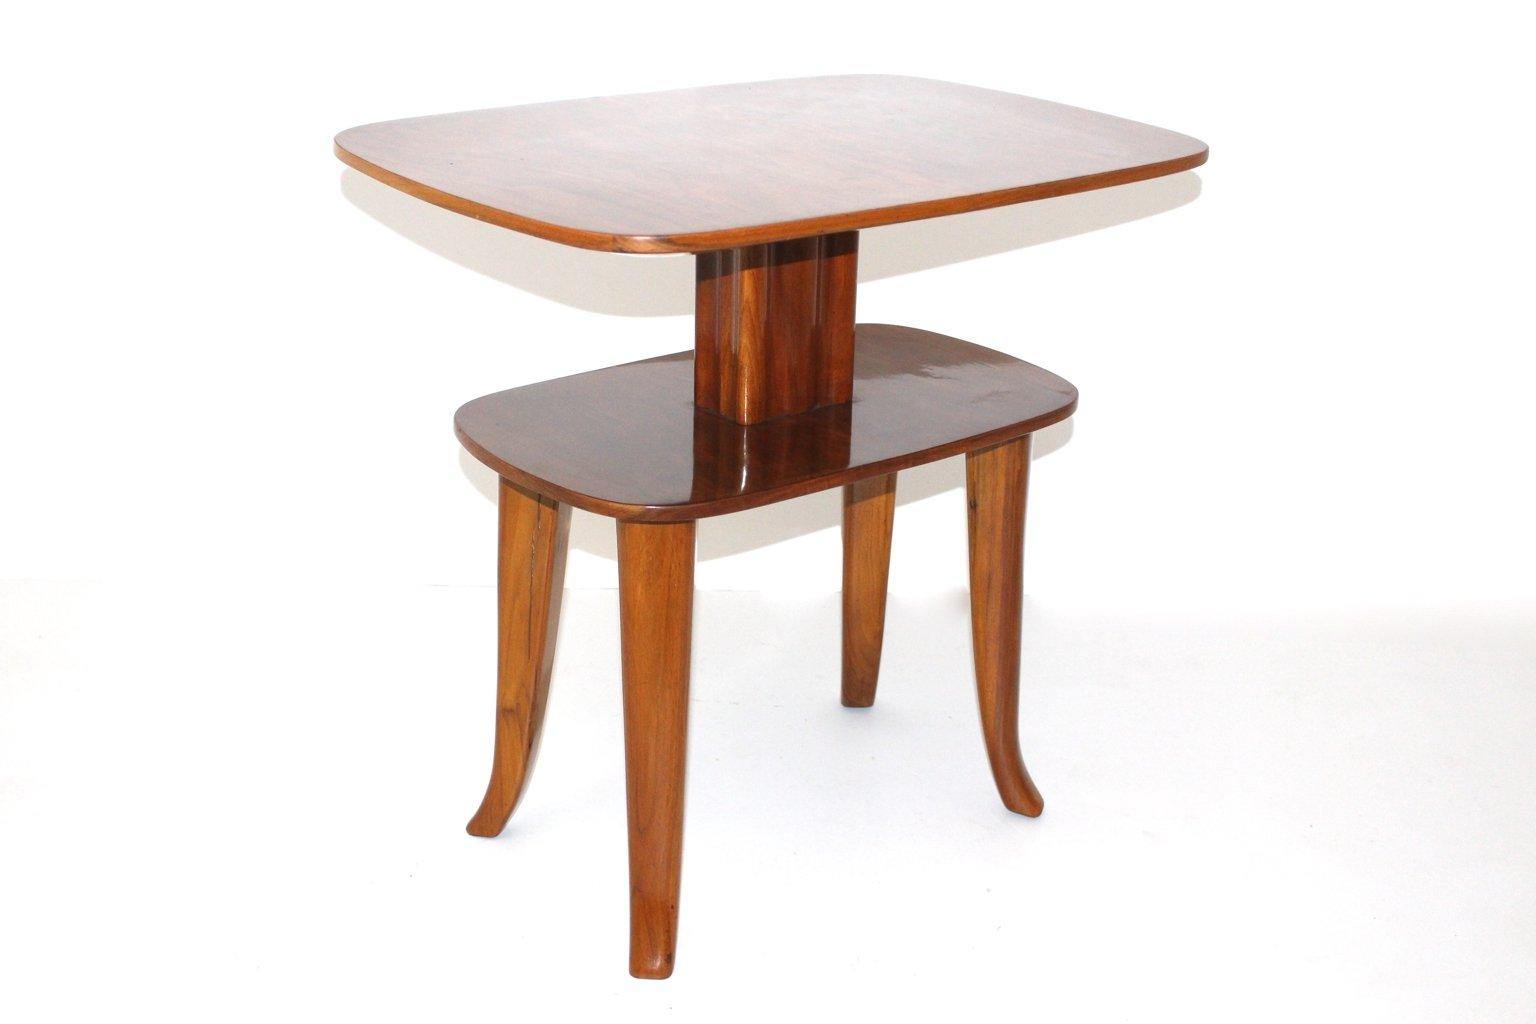 wiener vintage beistelltisch mit ablage bei pamono kaufen. Black Bedroom Furniture Sets. Home Design Ideas